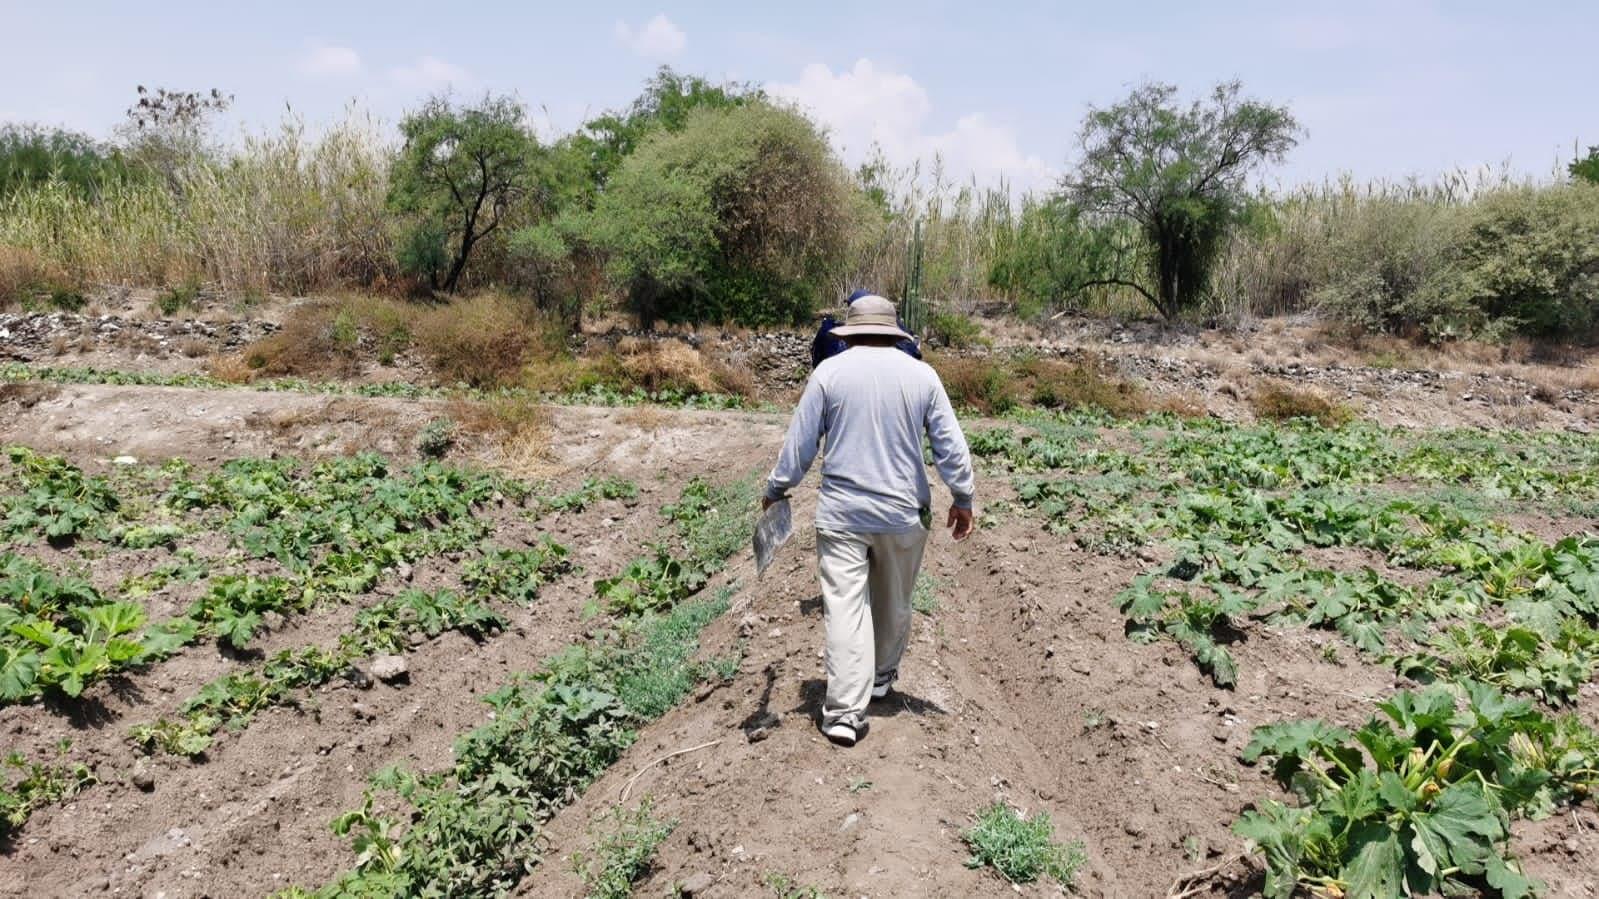 Preparan 700 hectáreas de legumbres para exportar de Tehuacán a EU